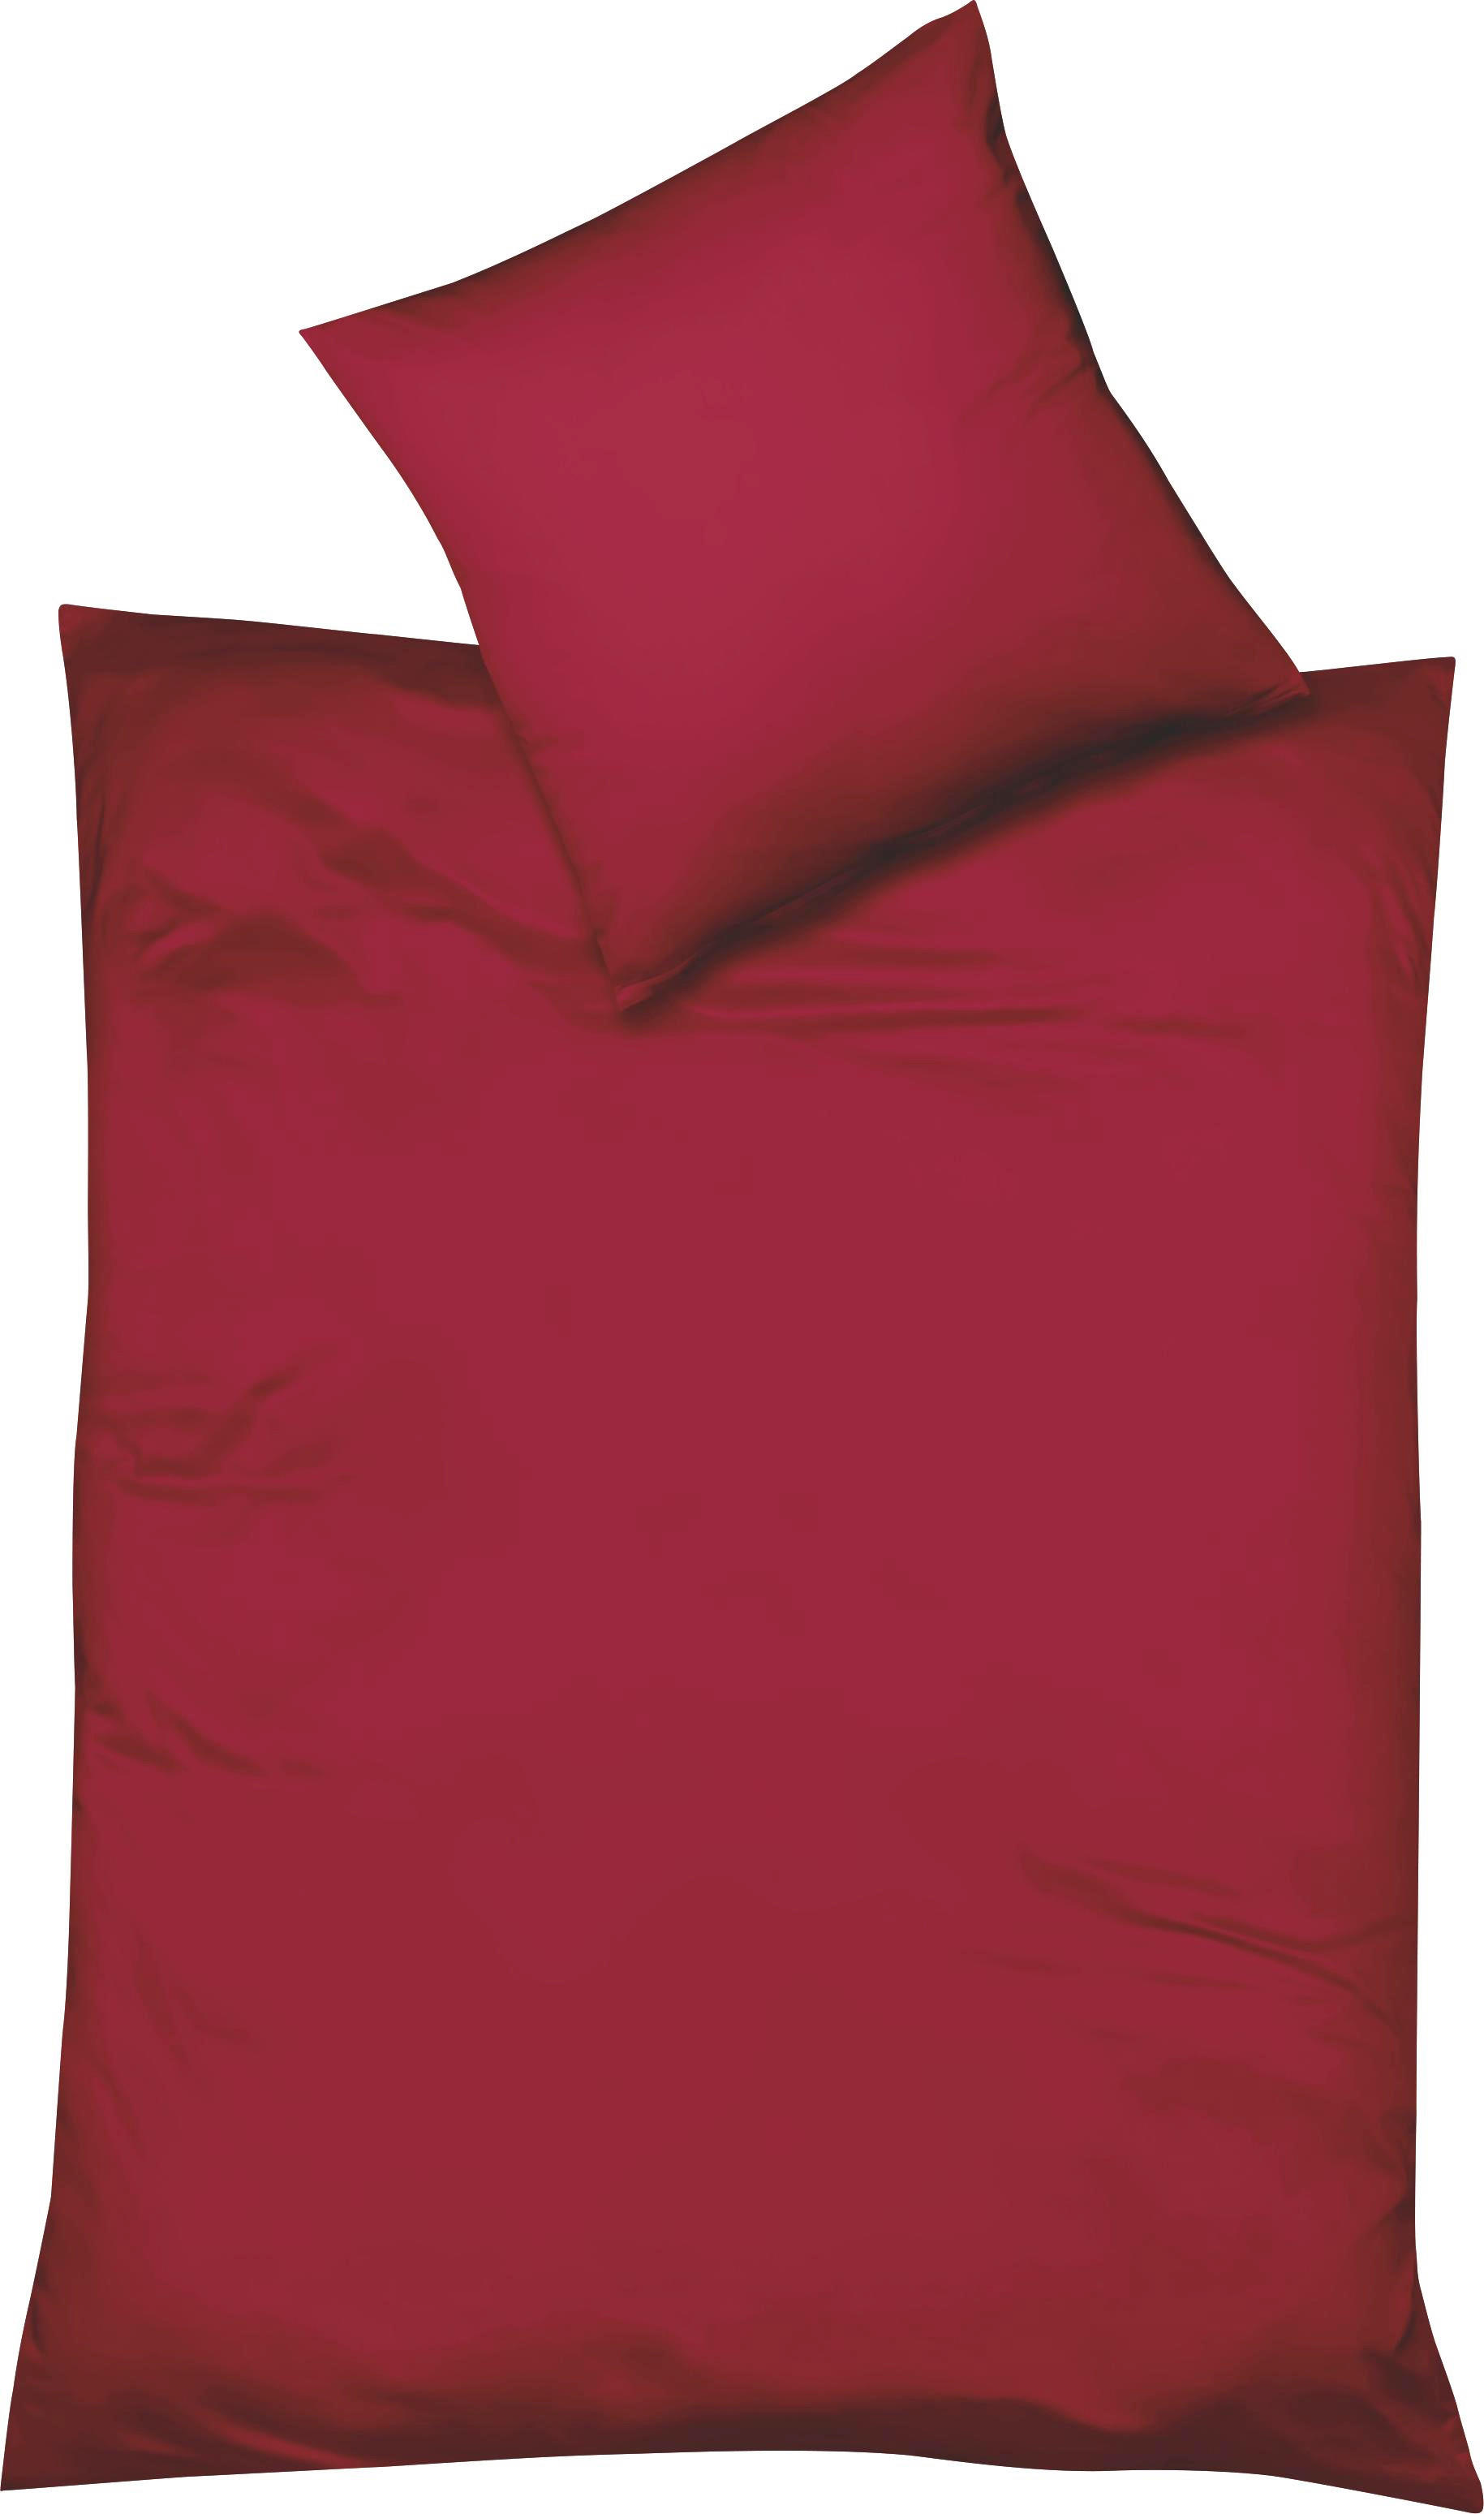 BETTWÄSCHE Makosatin Rot 155/220 cm - Rot, Textil (155/220cm) - FLEURESSE